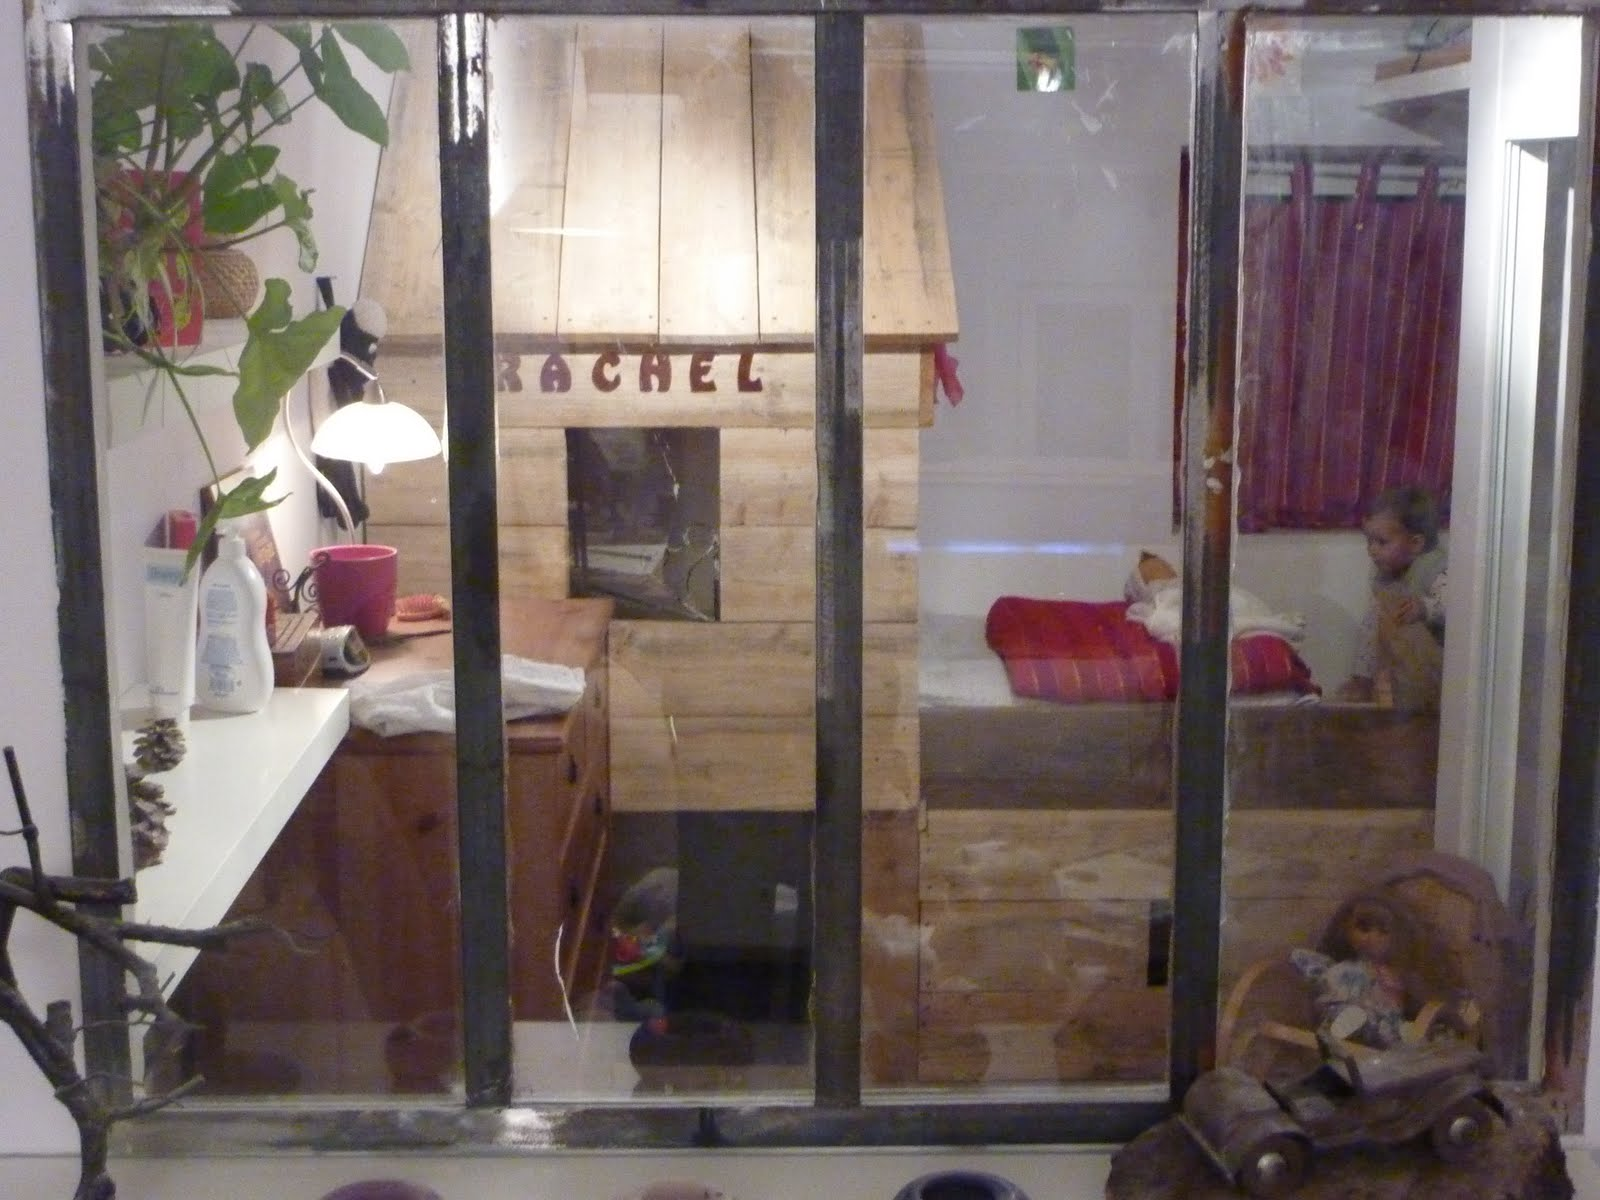 verri re int rieure am nagement d 39 une chambre d 39 enfant. Black Bedroom Furniture Sets. Home Design Ideas